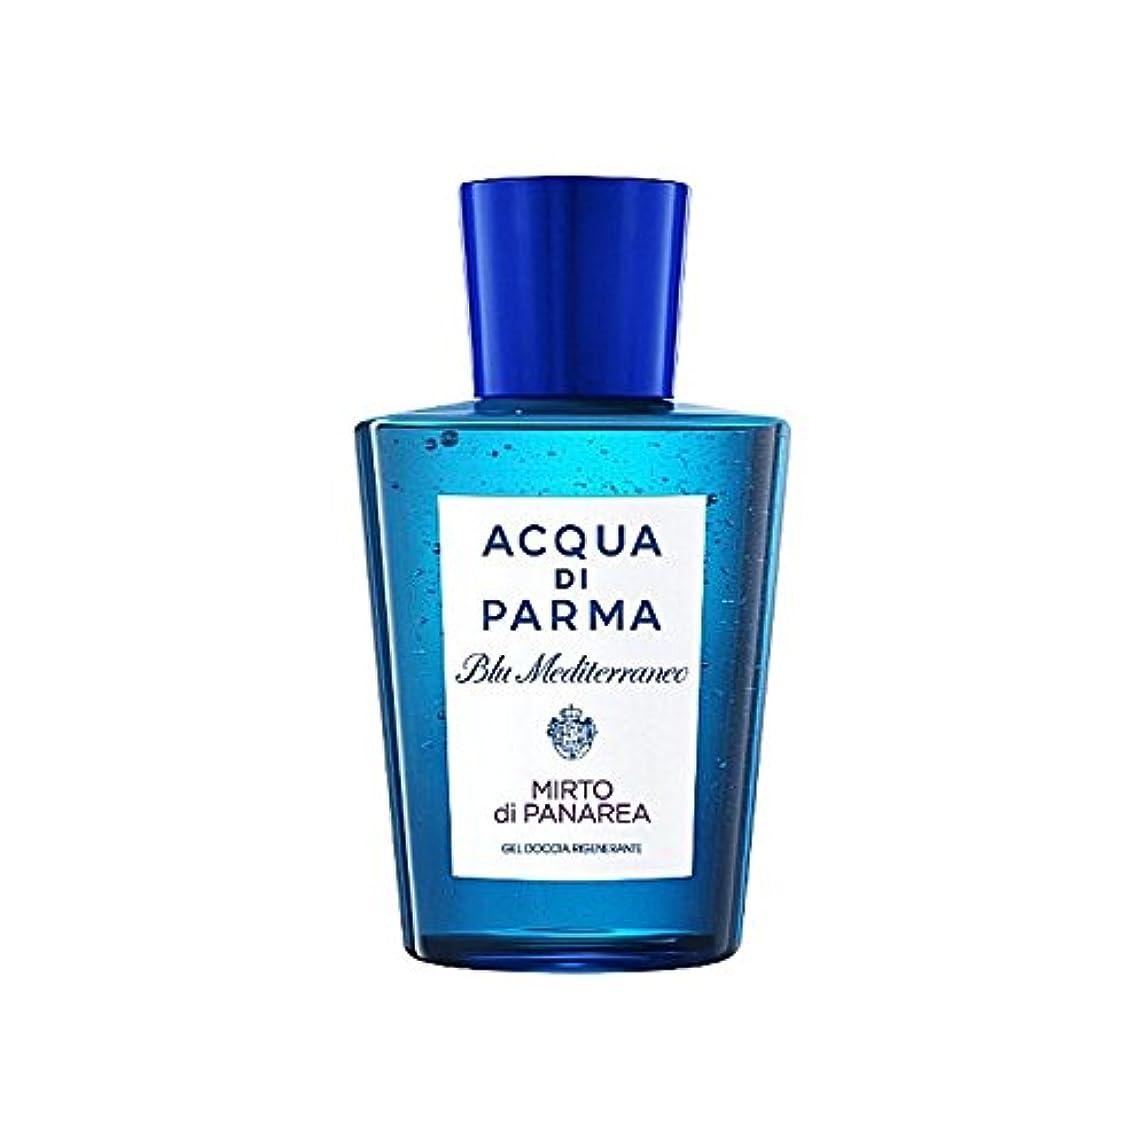 病既に大佐Acqua Di Parma Blu Mediterraneo Mirto Di Panarea Shower Gel 200ml - アクアディパルマブルーメディミルトディパナレアシャワージェル200 [並行輸入品]